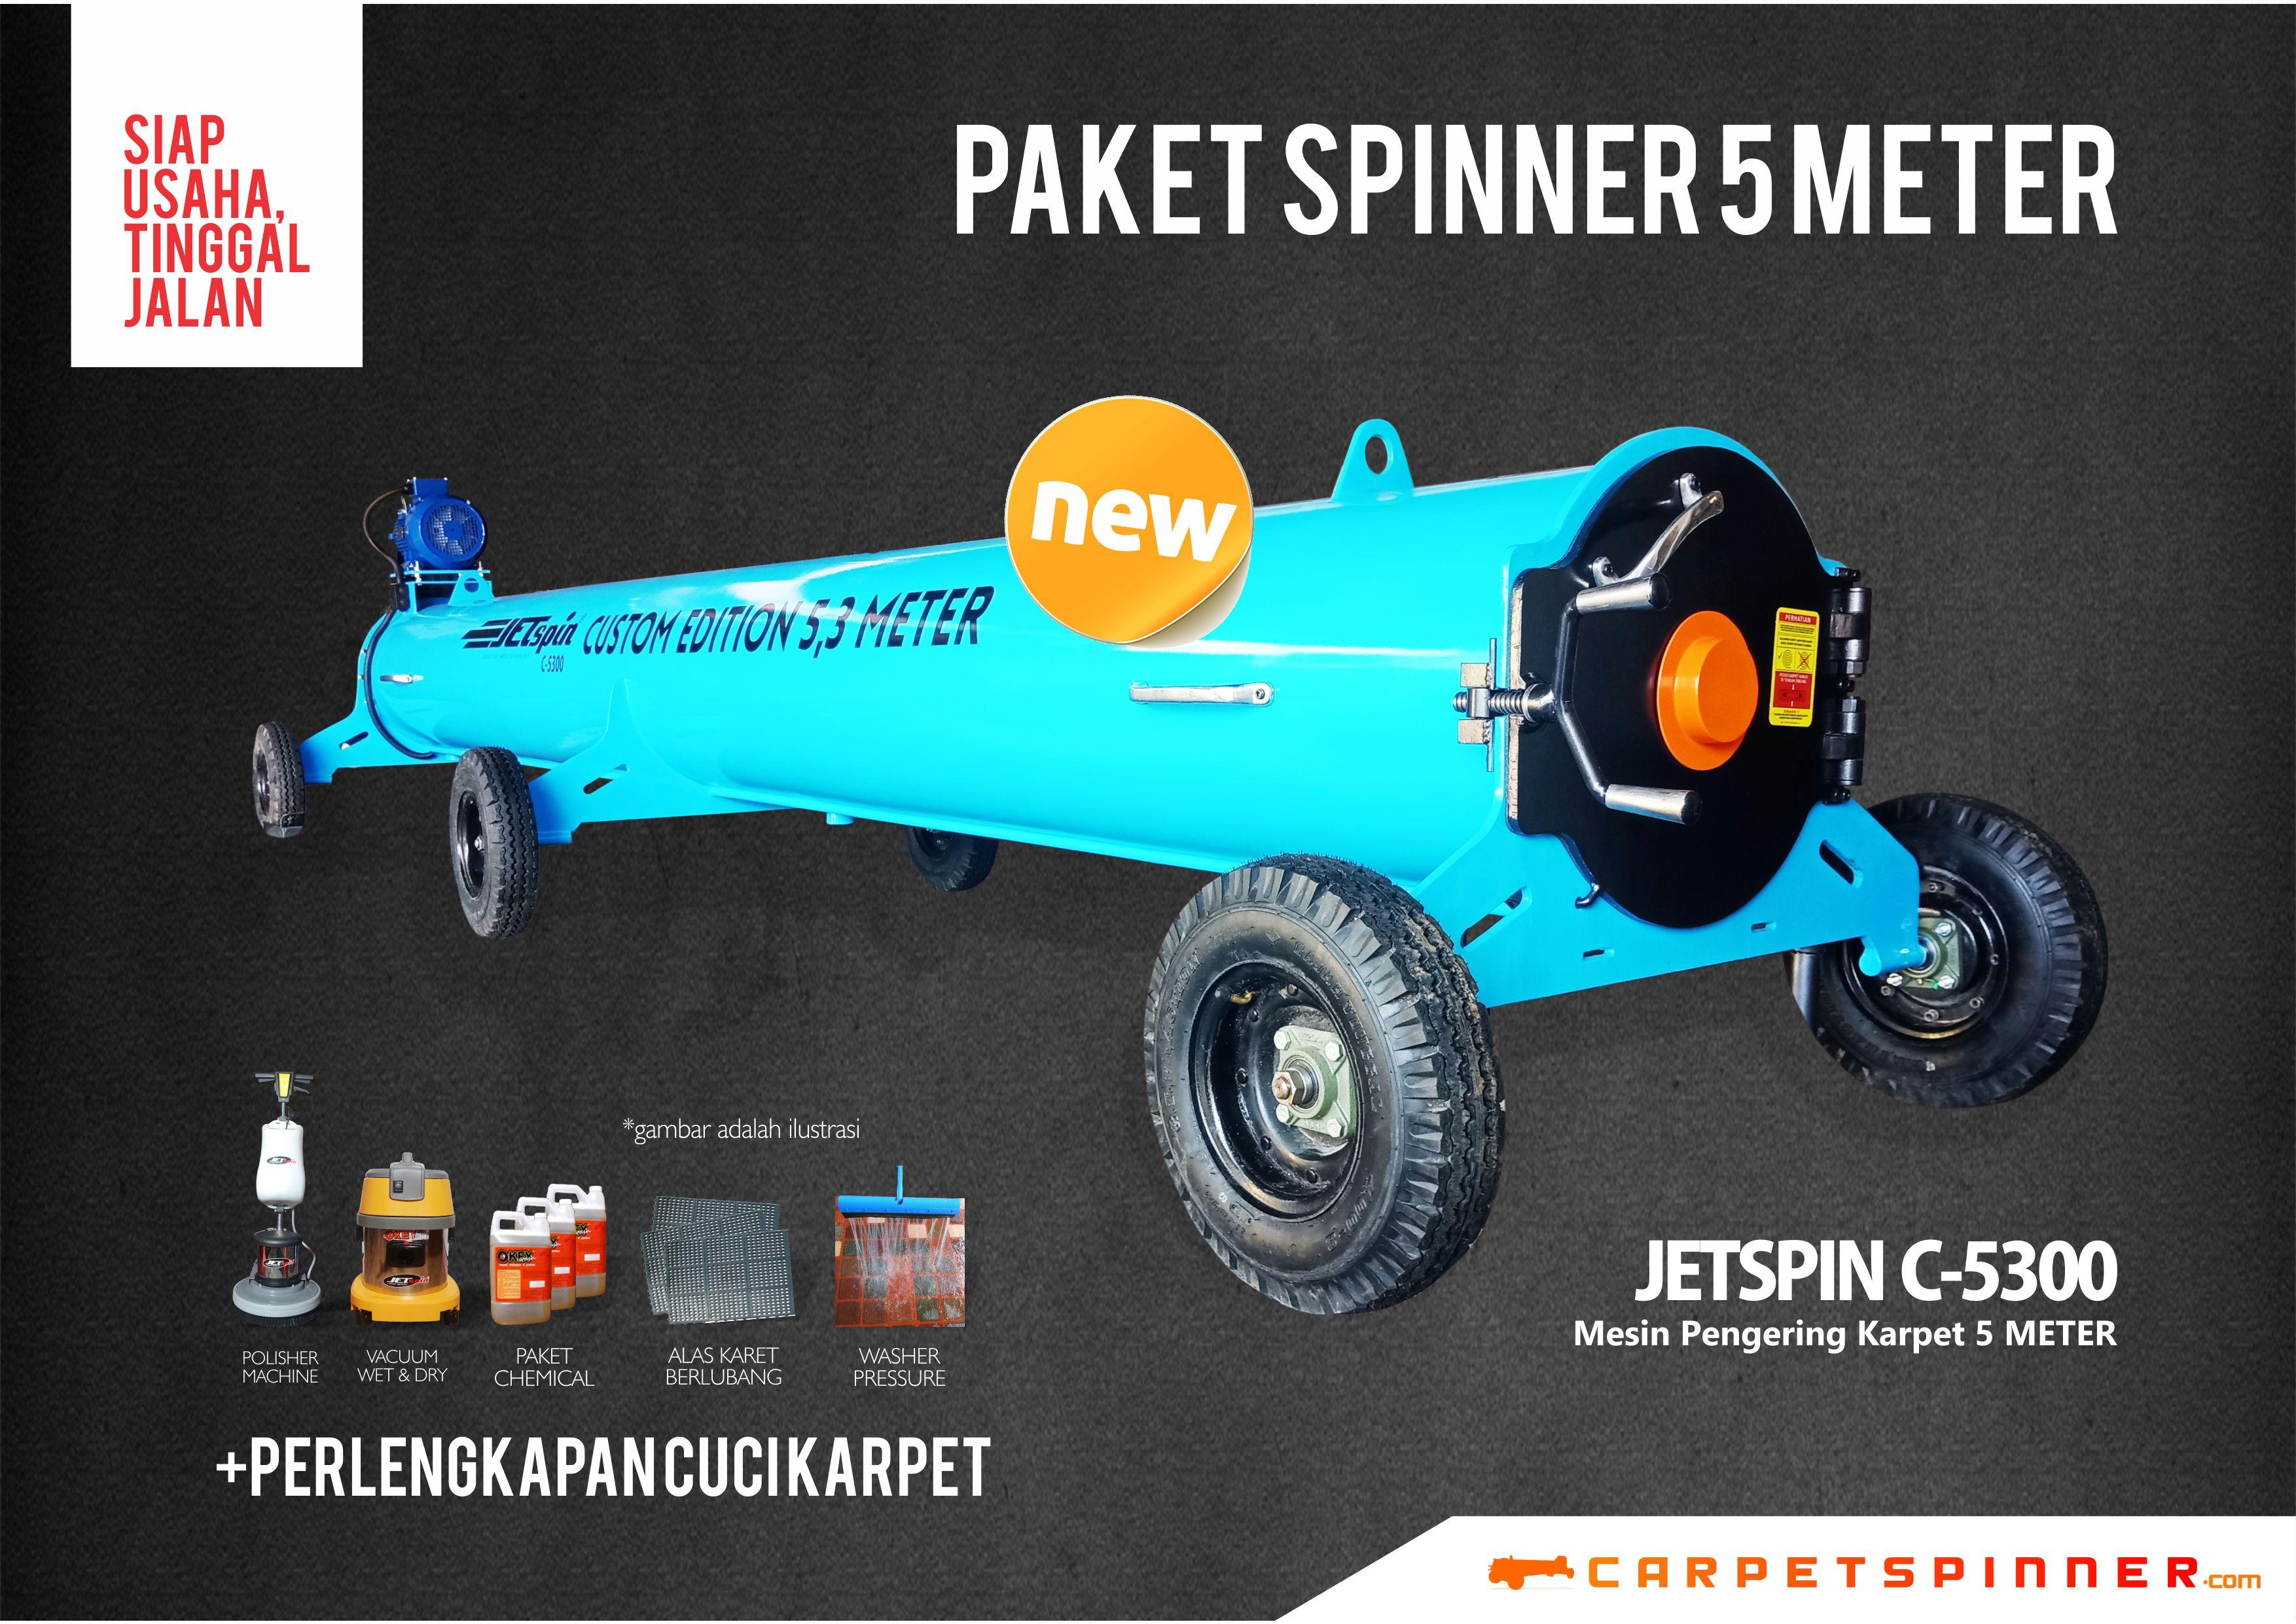 Paket Spinner 5 Meter - www.carpetspinner.com